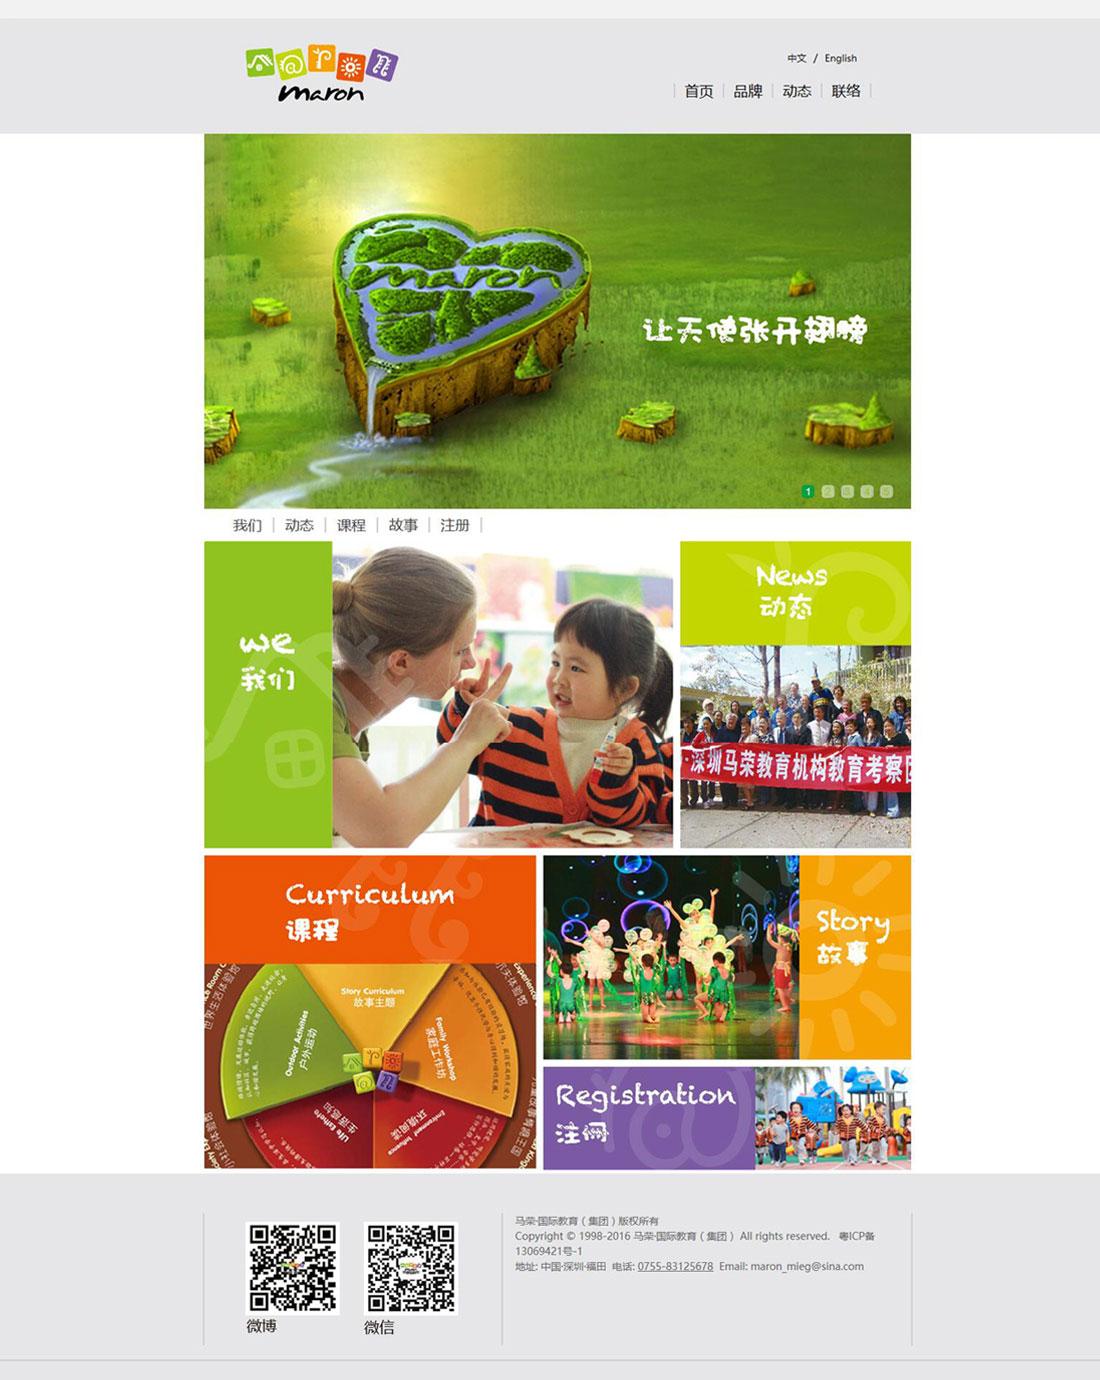 马荣网站设计